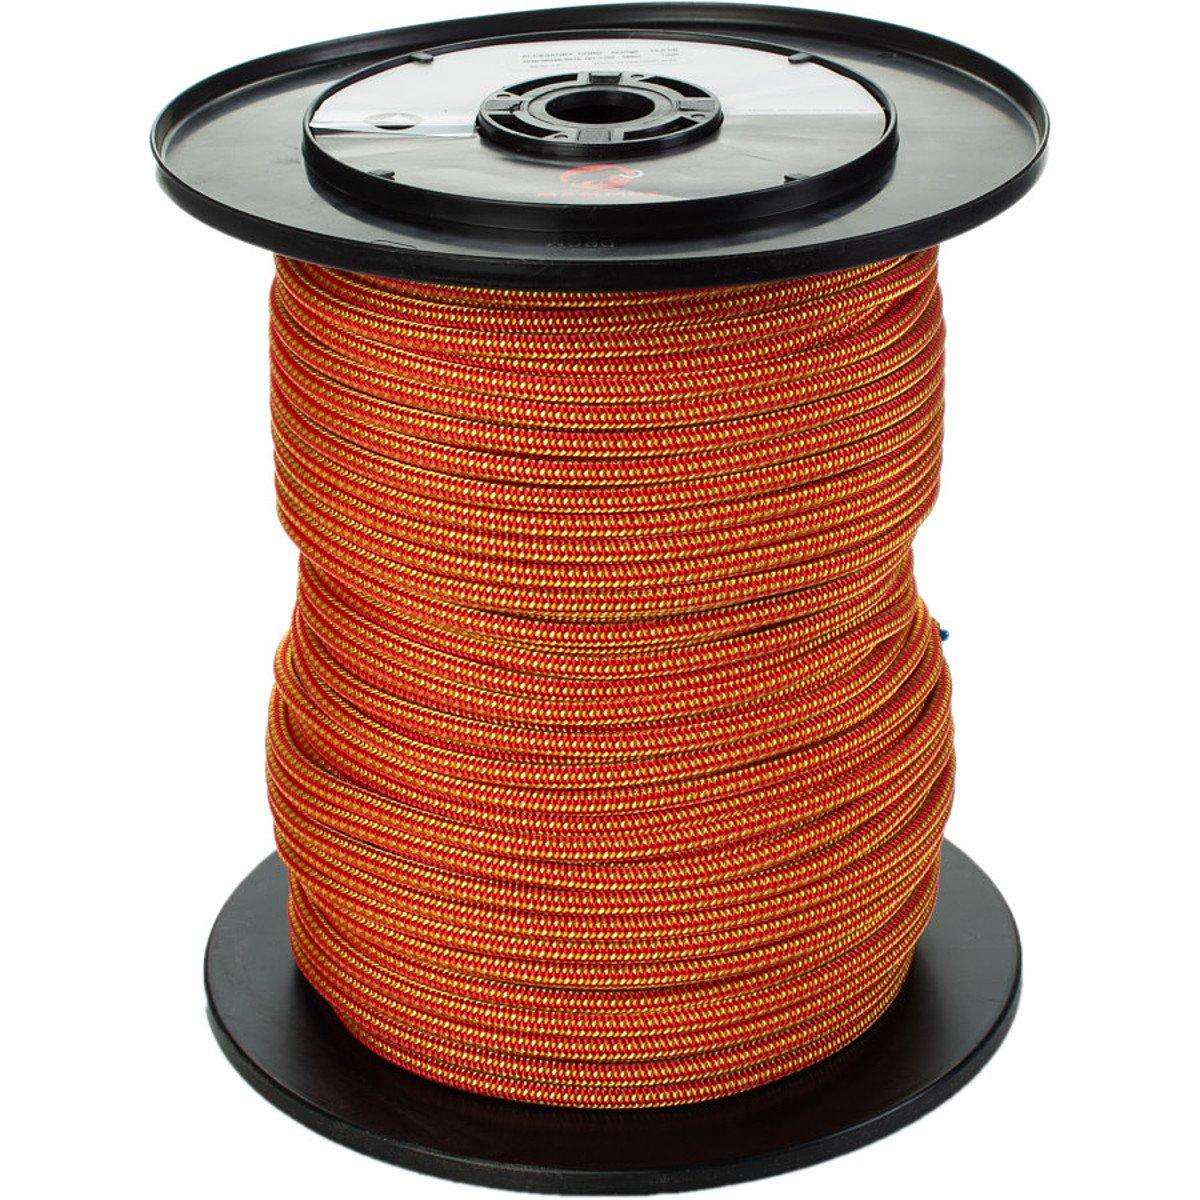 ◎17FW マムート(MAMMUT) Accessory Cord 2030-00051 3000 red クライミング用品 B0732LNJZZ 7/50 m|オレンジ オレンジ 7/50 m